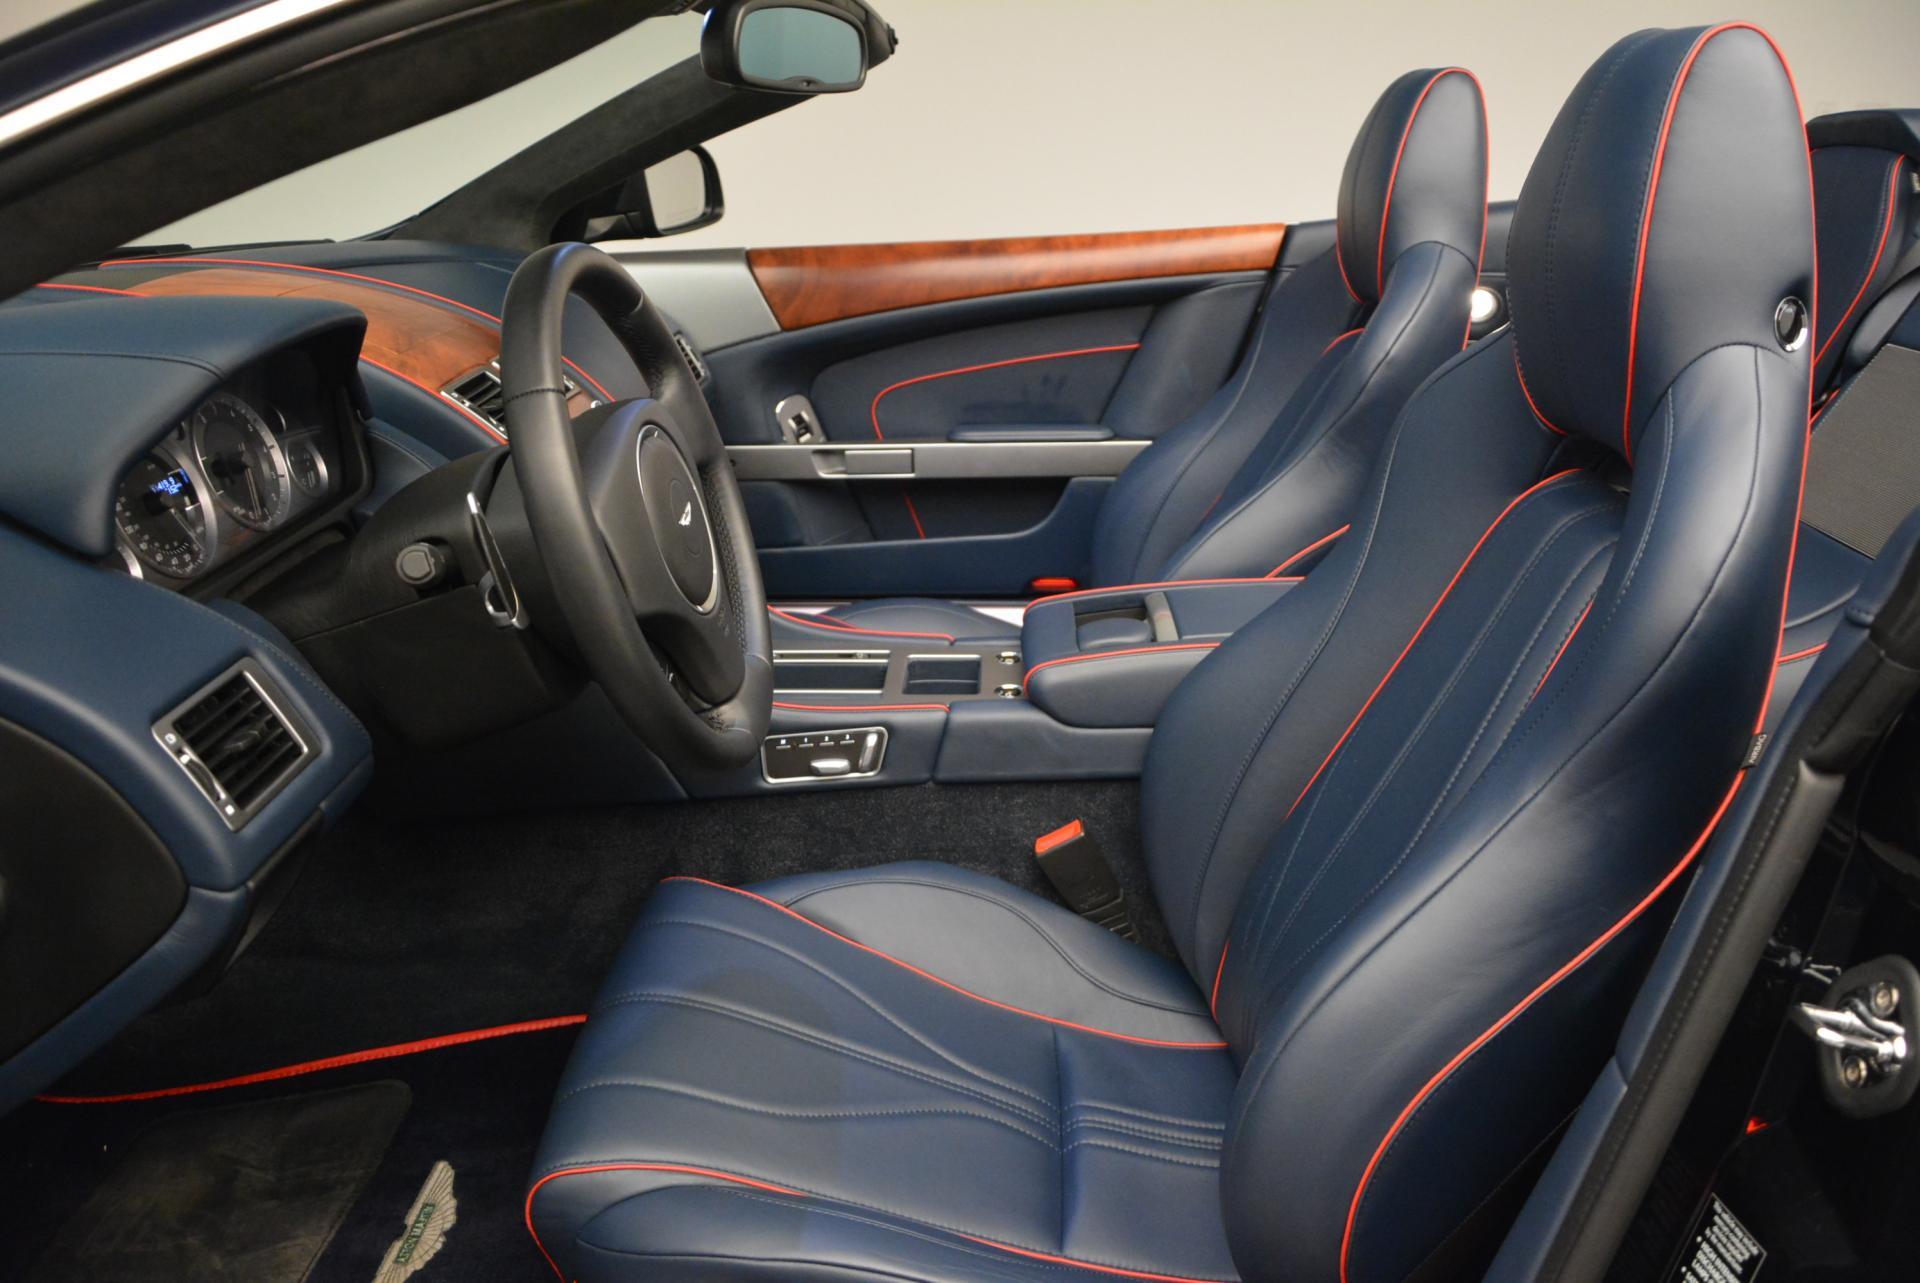 Used 2014 Aston Martin DB9 Volante For Sale In Greenwich, CT 519_p13